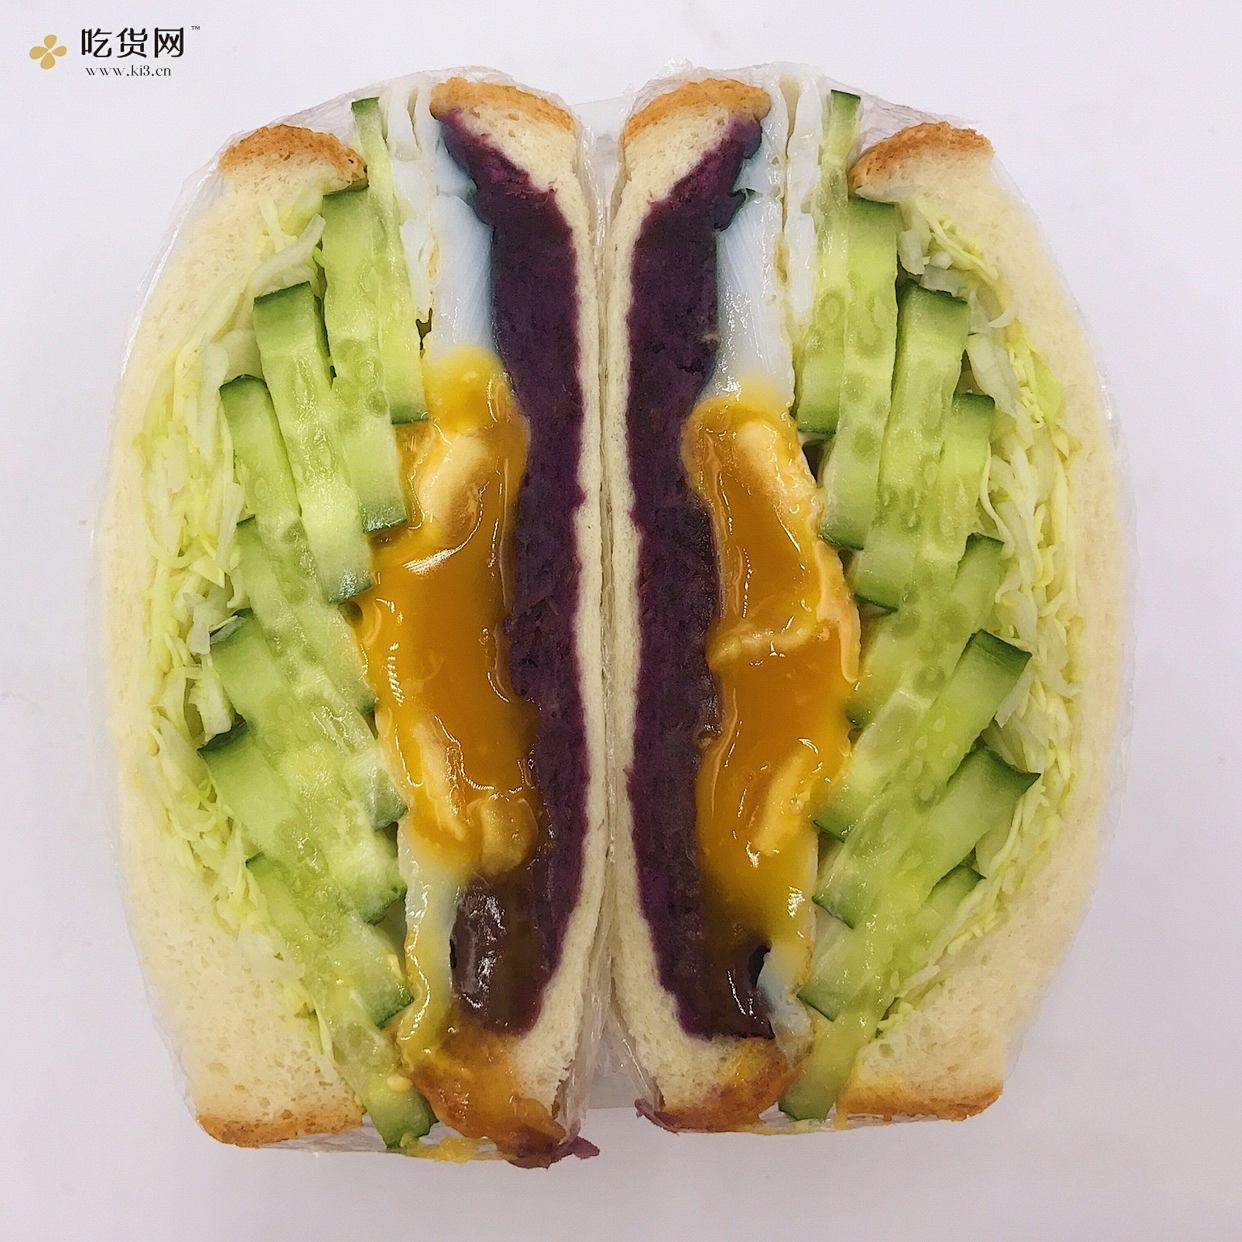 7天不重样系列之低卡减脂三明治的做法 步骤7